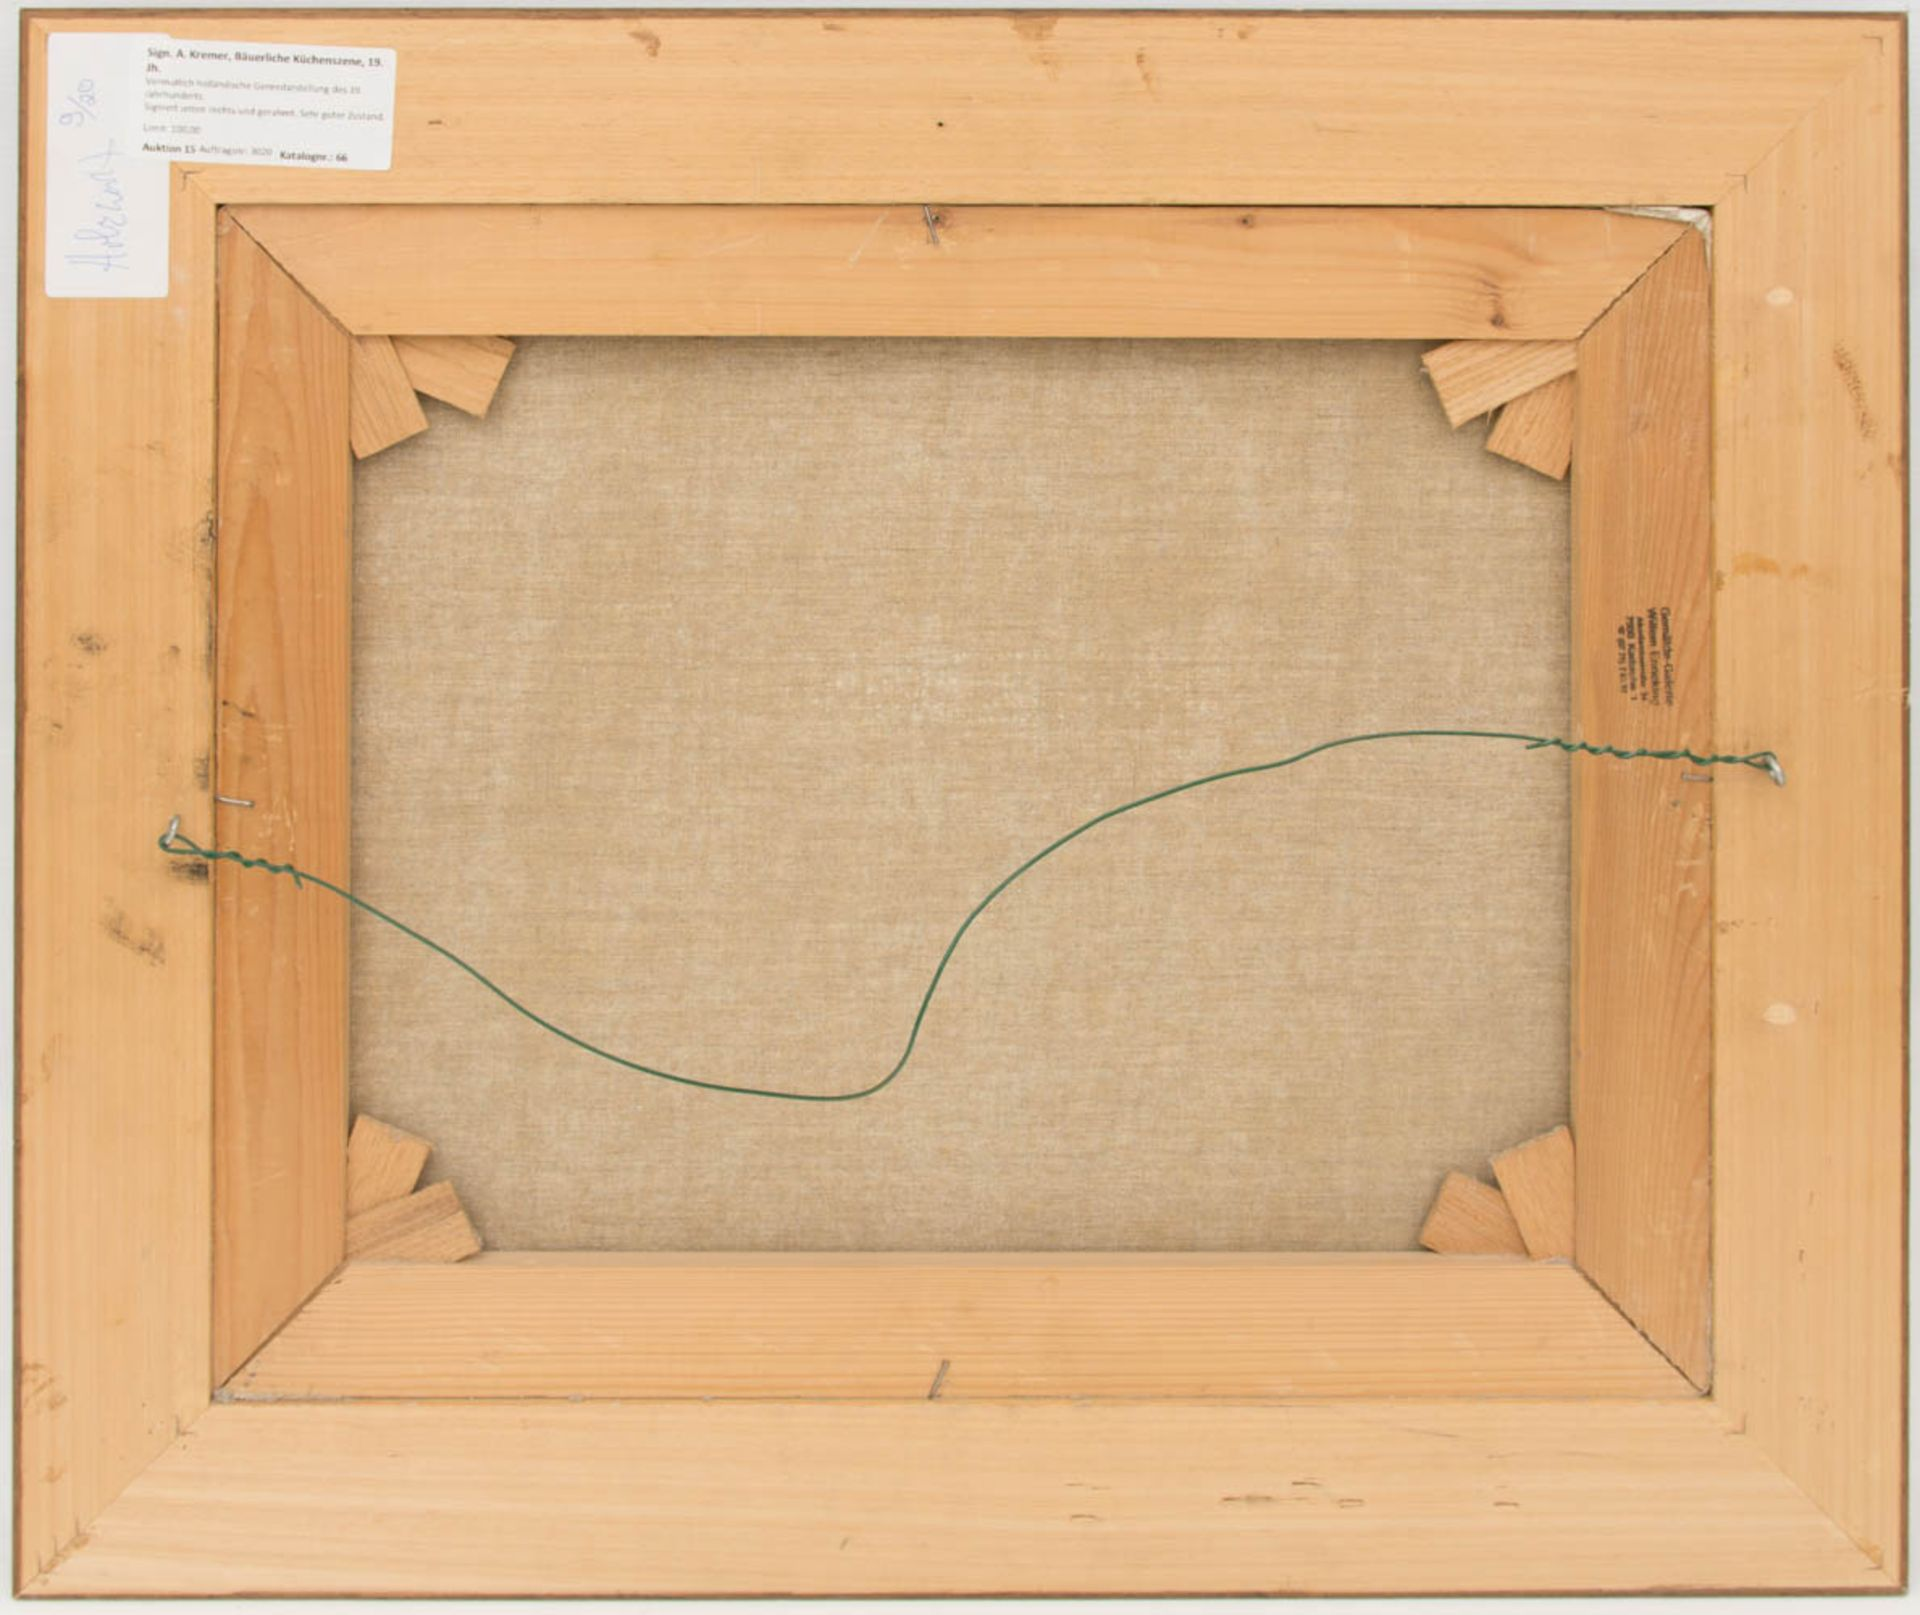 Sign. A. Kremer, Bäuerliche Küchenszene, Öl auf Leinwand, 19. Jh.Vermutlich hollän - Bild 5 aus 5